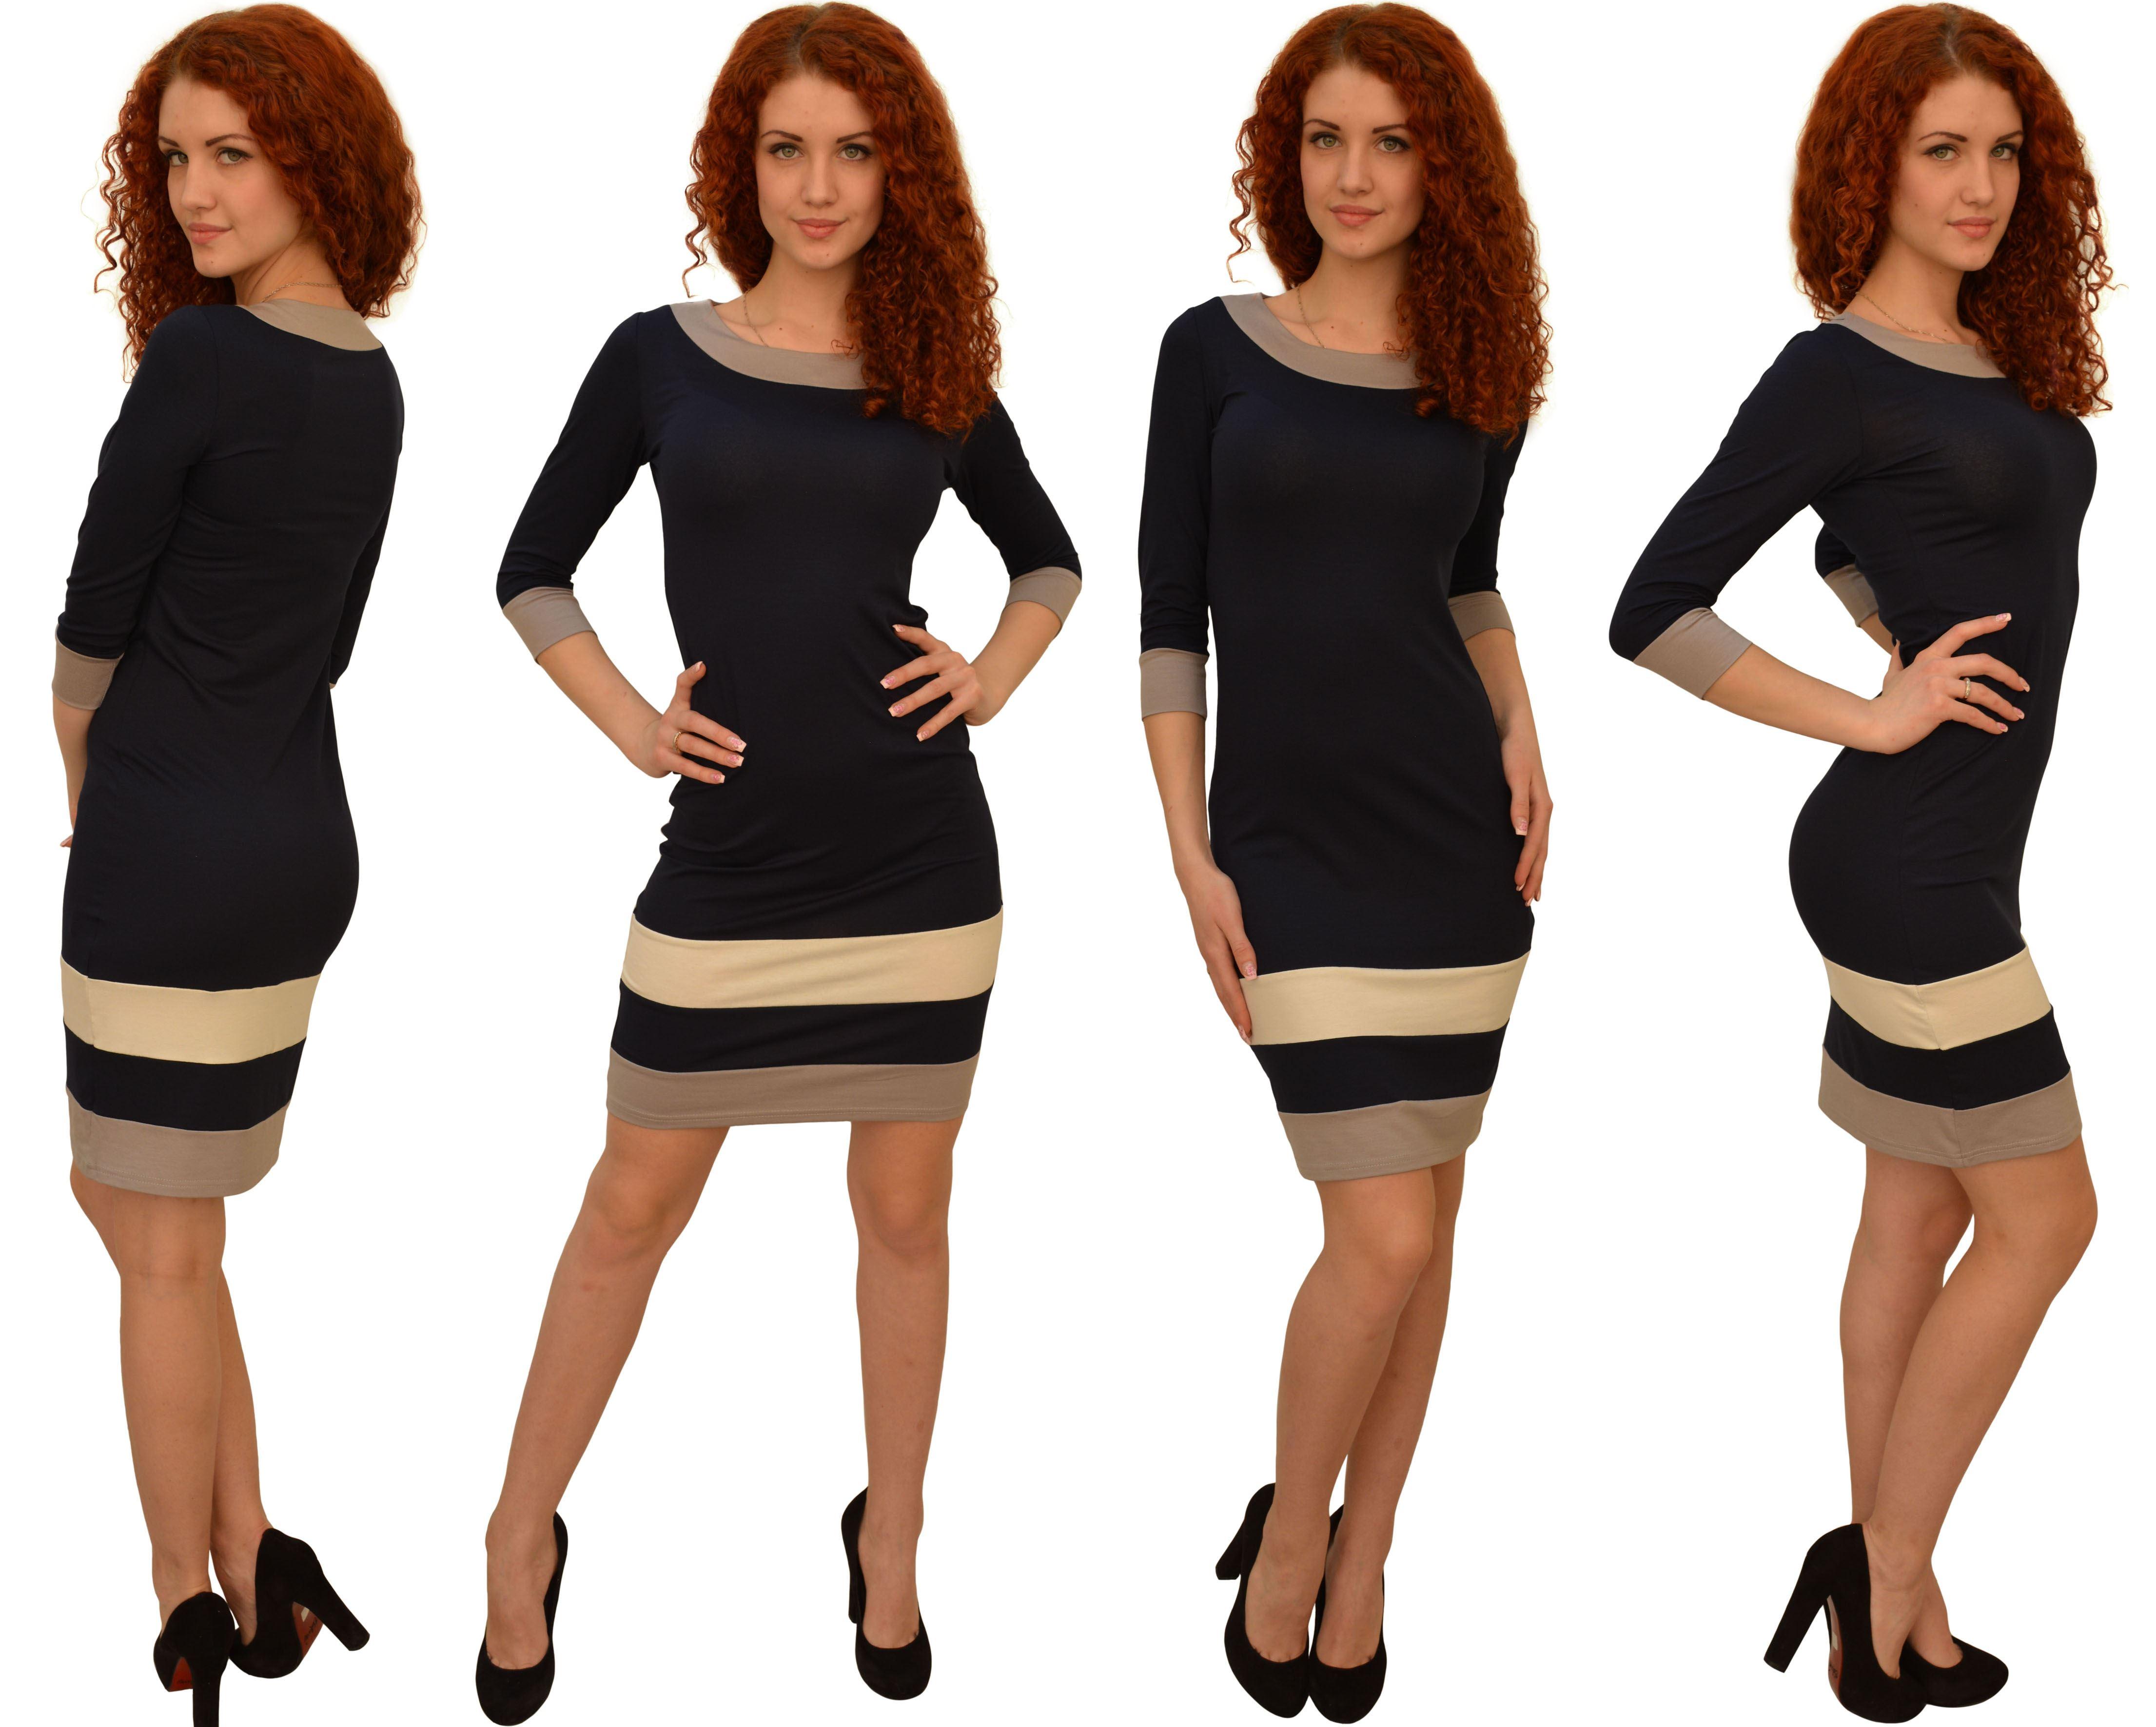 Женская одежда Серебряная ладья. Теперь платья от 290 руб! Распродажа лета и новые модели зима. Доступность, качество, ассортимент 4.